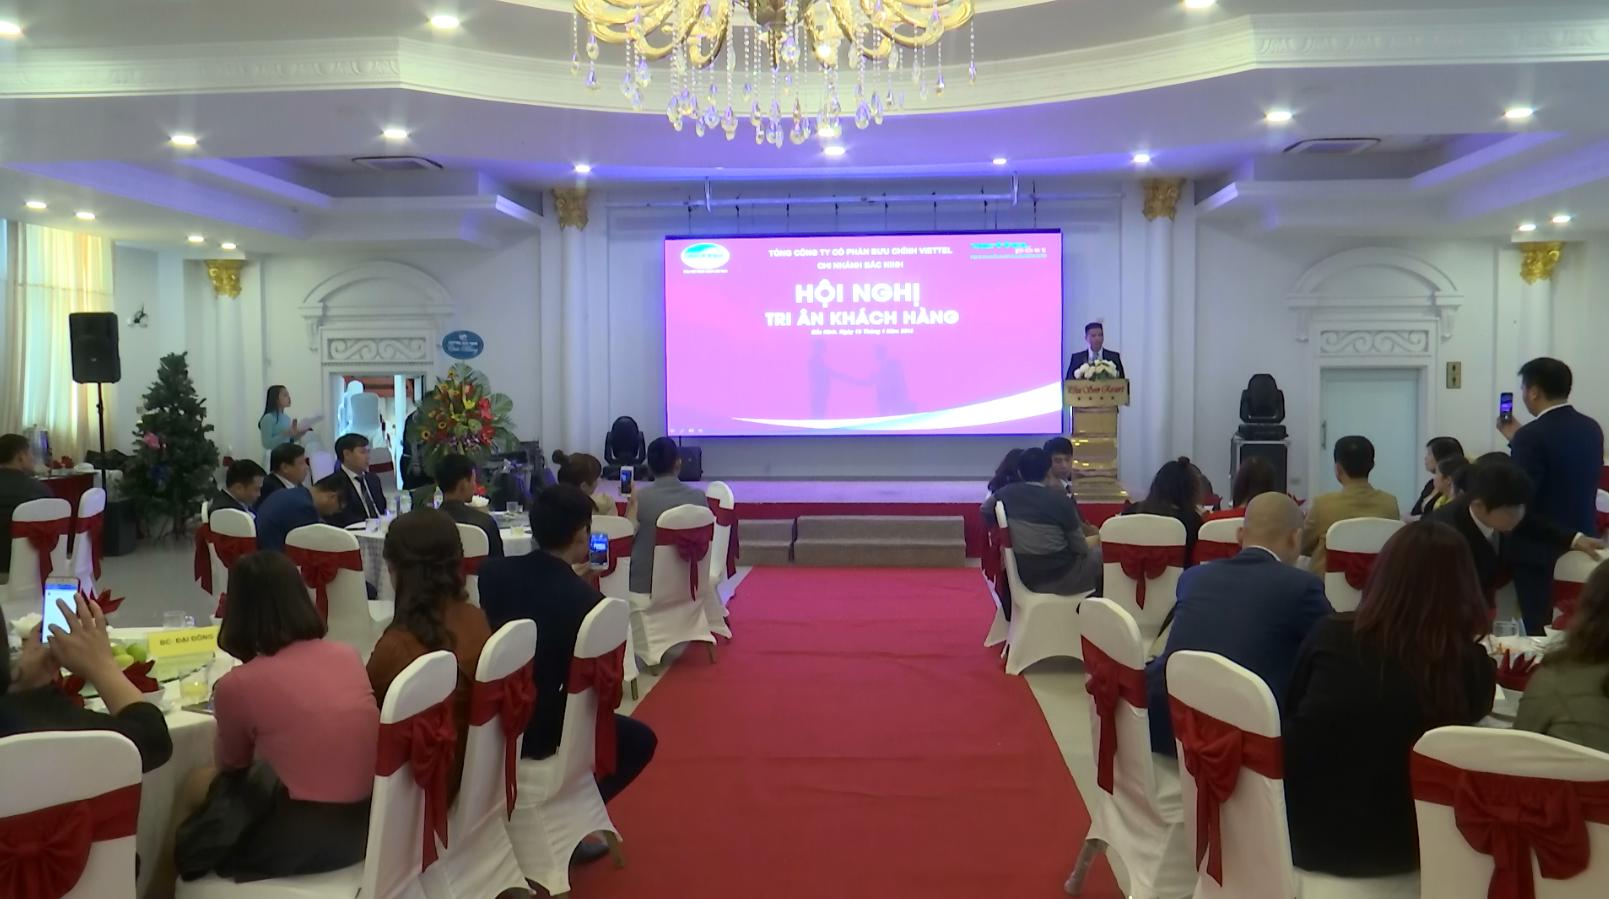 Tin Bưu chính Viettel tổ chức hội nghị khách hàng